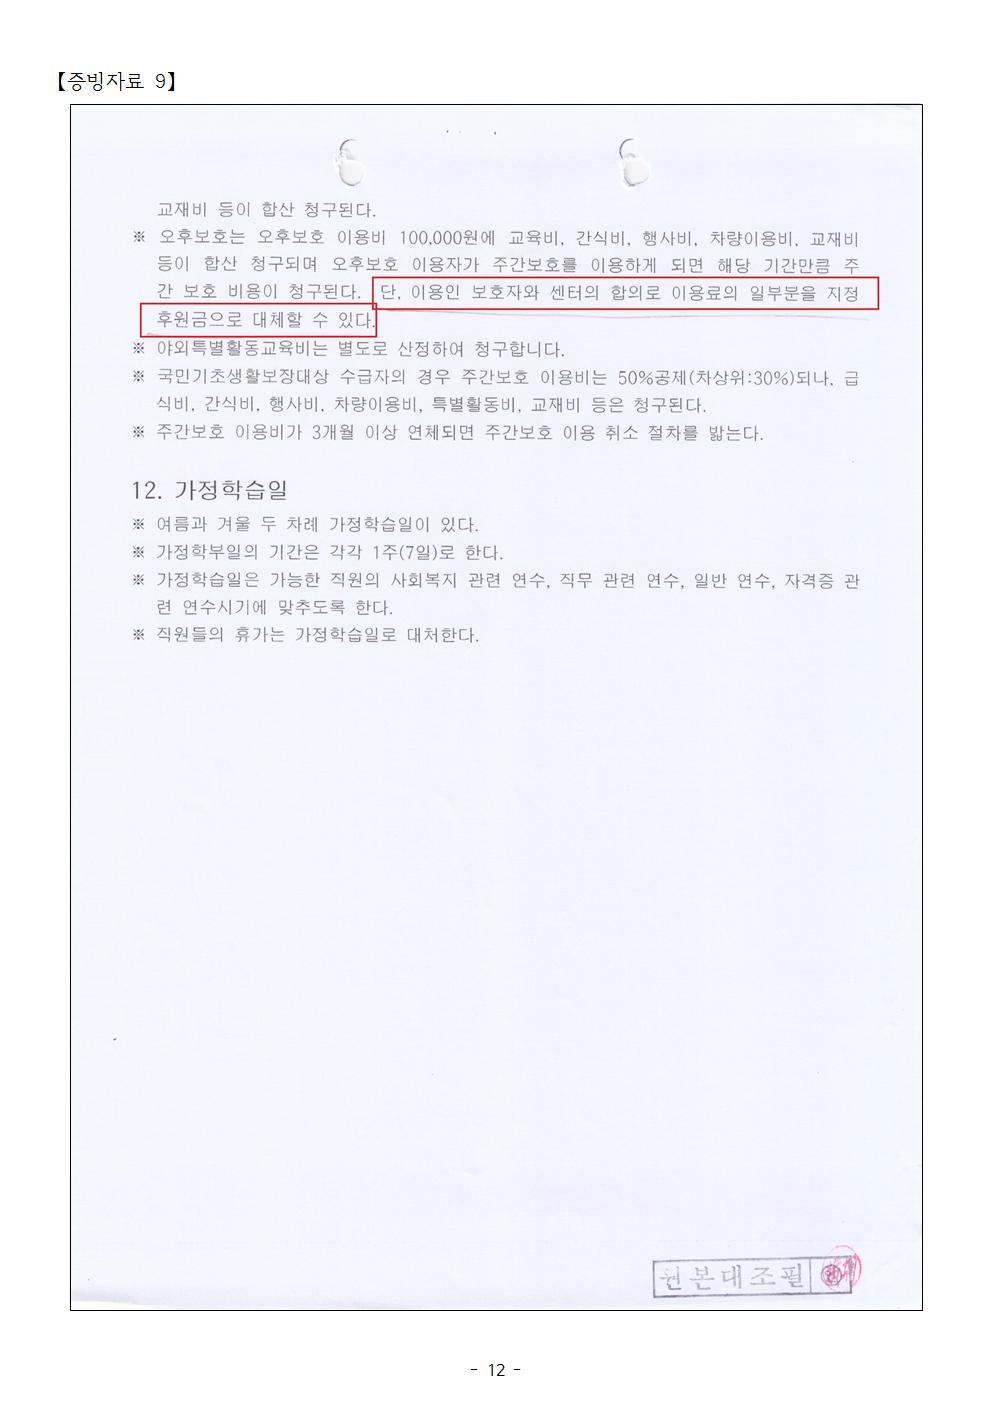 2013년 12월 31일 전주시(전북도), 손수레주간보호센터 신고에서 수리까지 모두 당일에 OK012.jpg